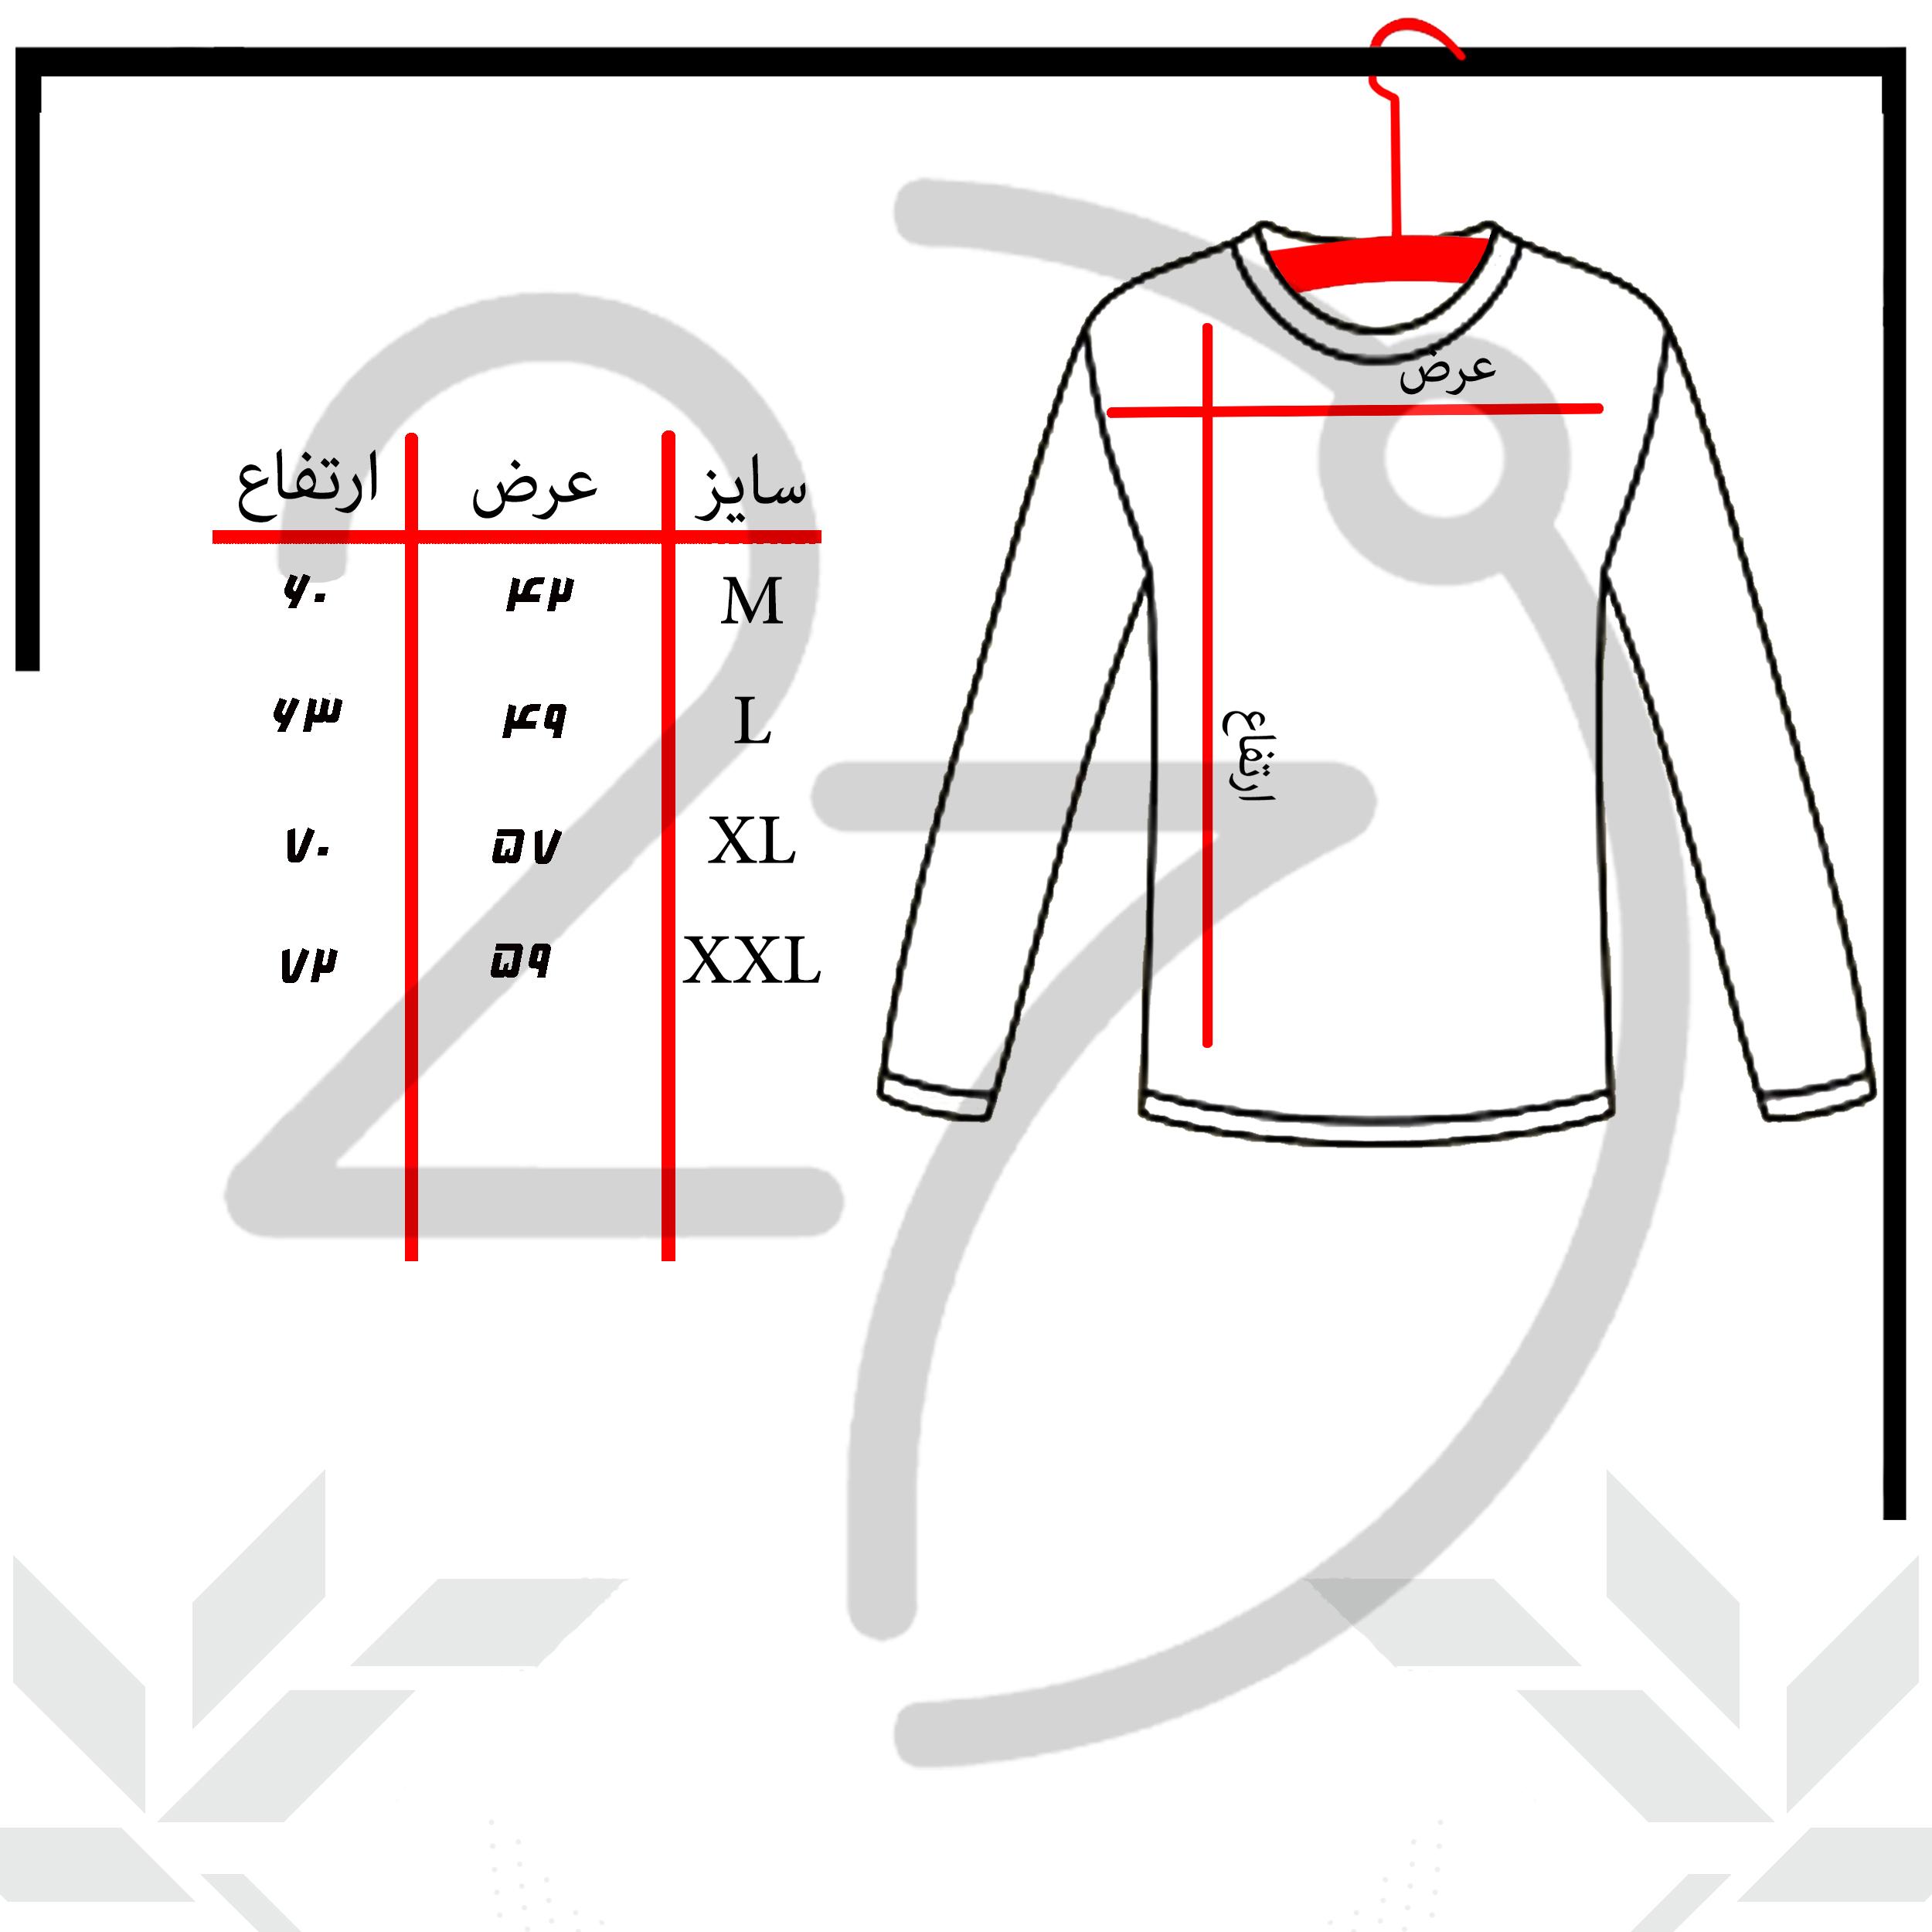 تی شرت آستین بلند زنانه 27 مدل sad girl کد B119